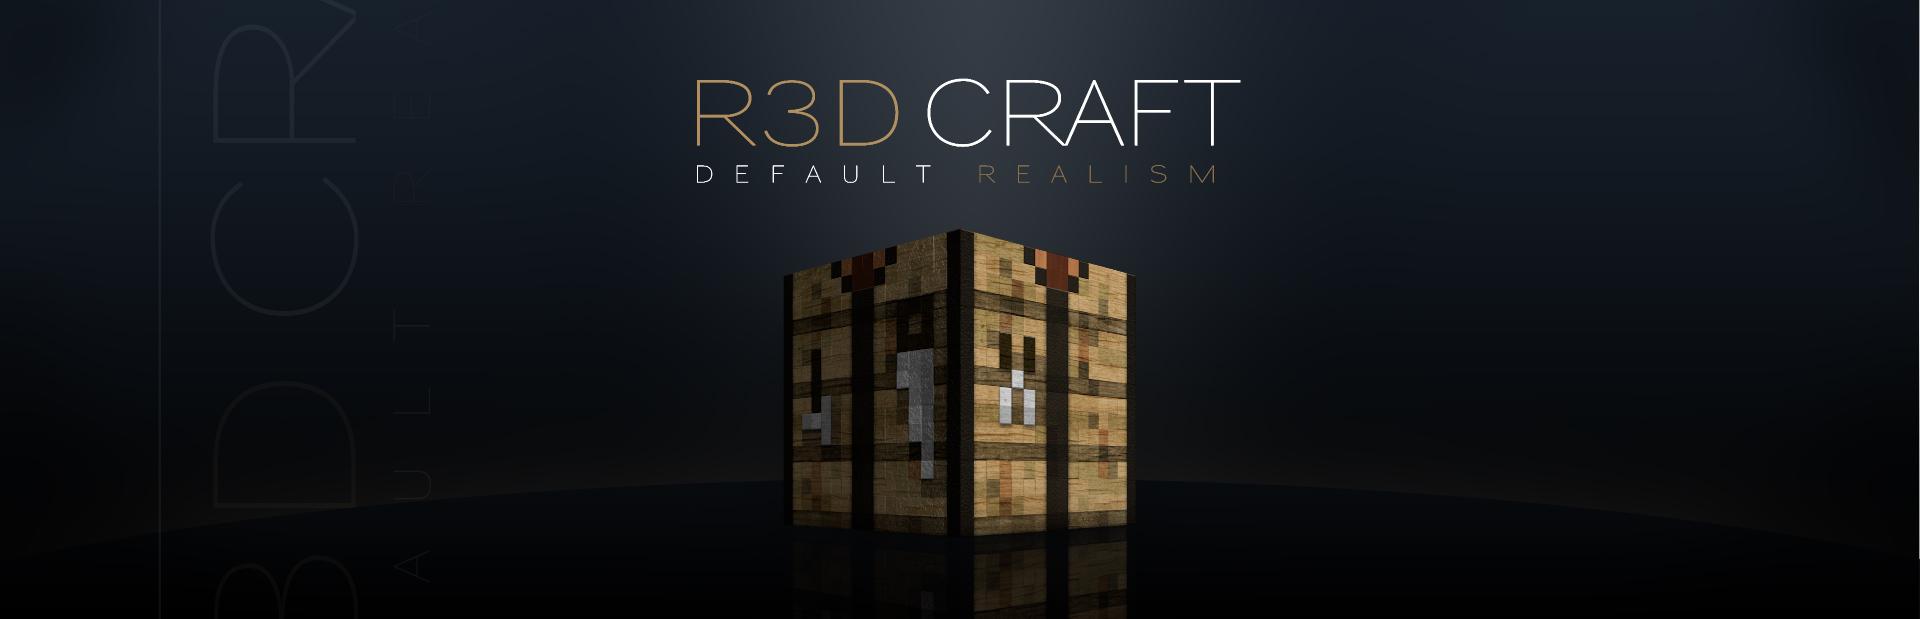 https://cdn.9pety.com/imgs/TexturePack/R3D-Craft.jpg